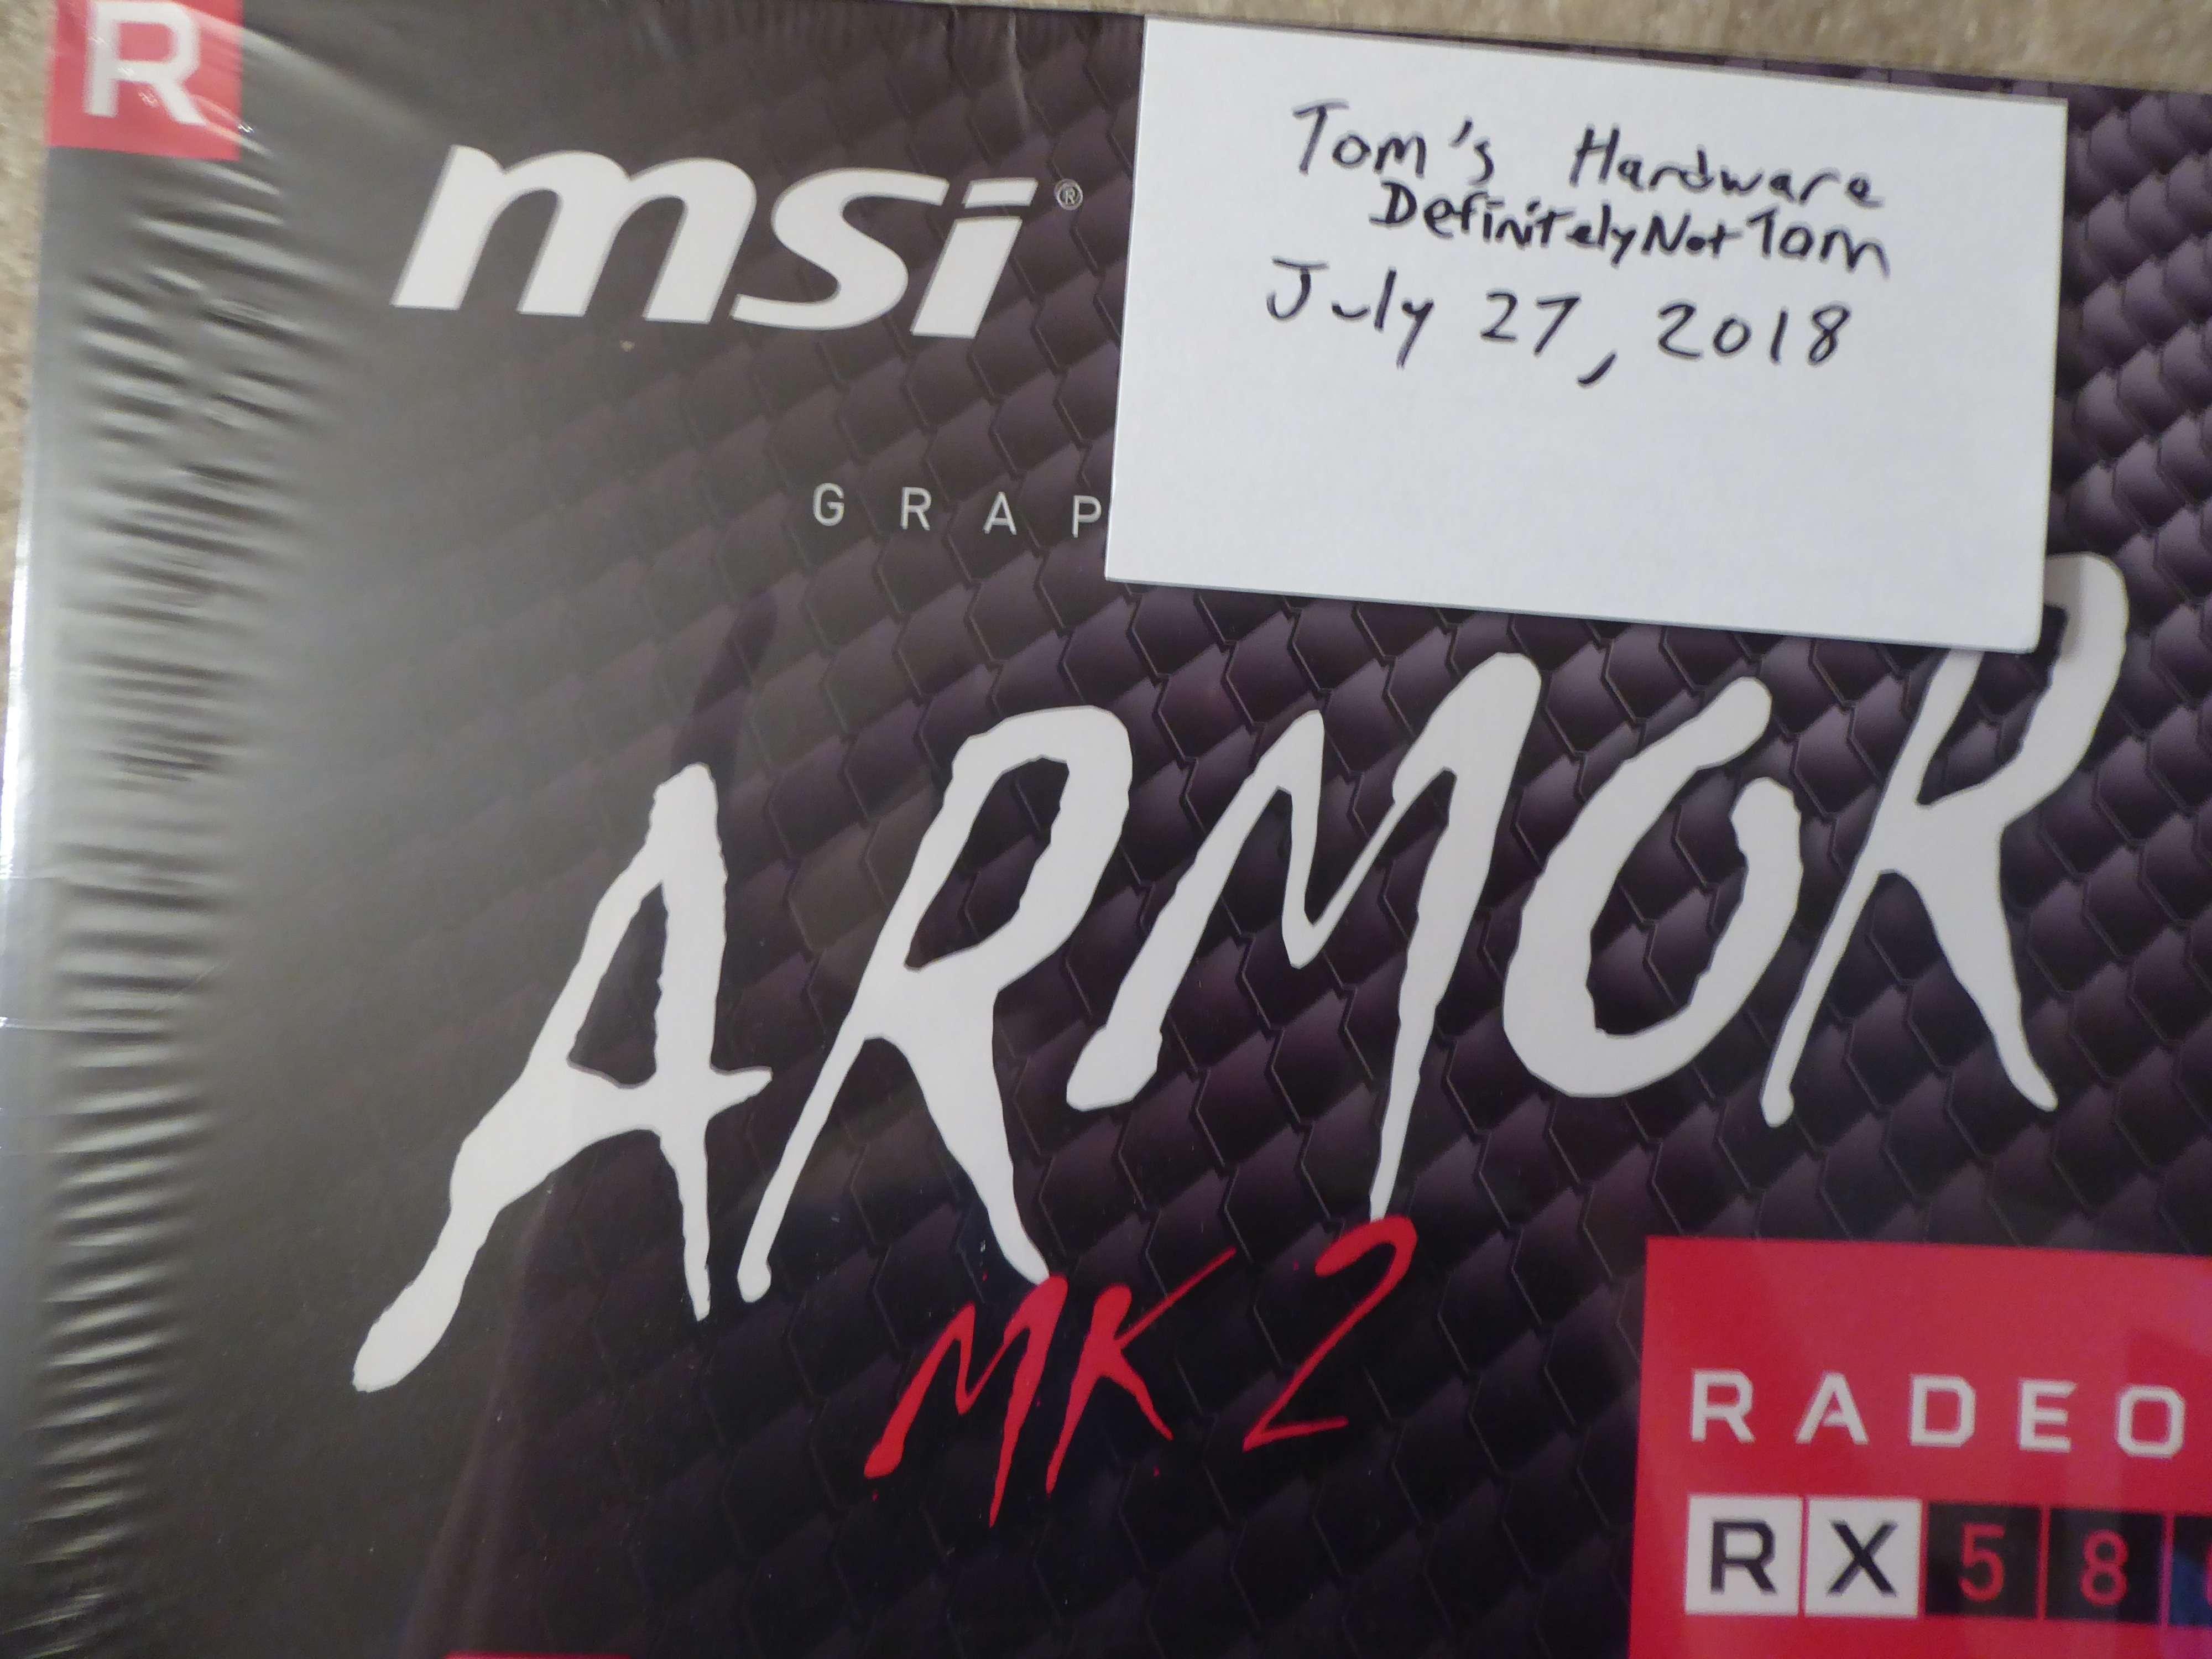 wts msi 8gb rx 580 armor mk2 oc gpu unused sold classifieds